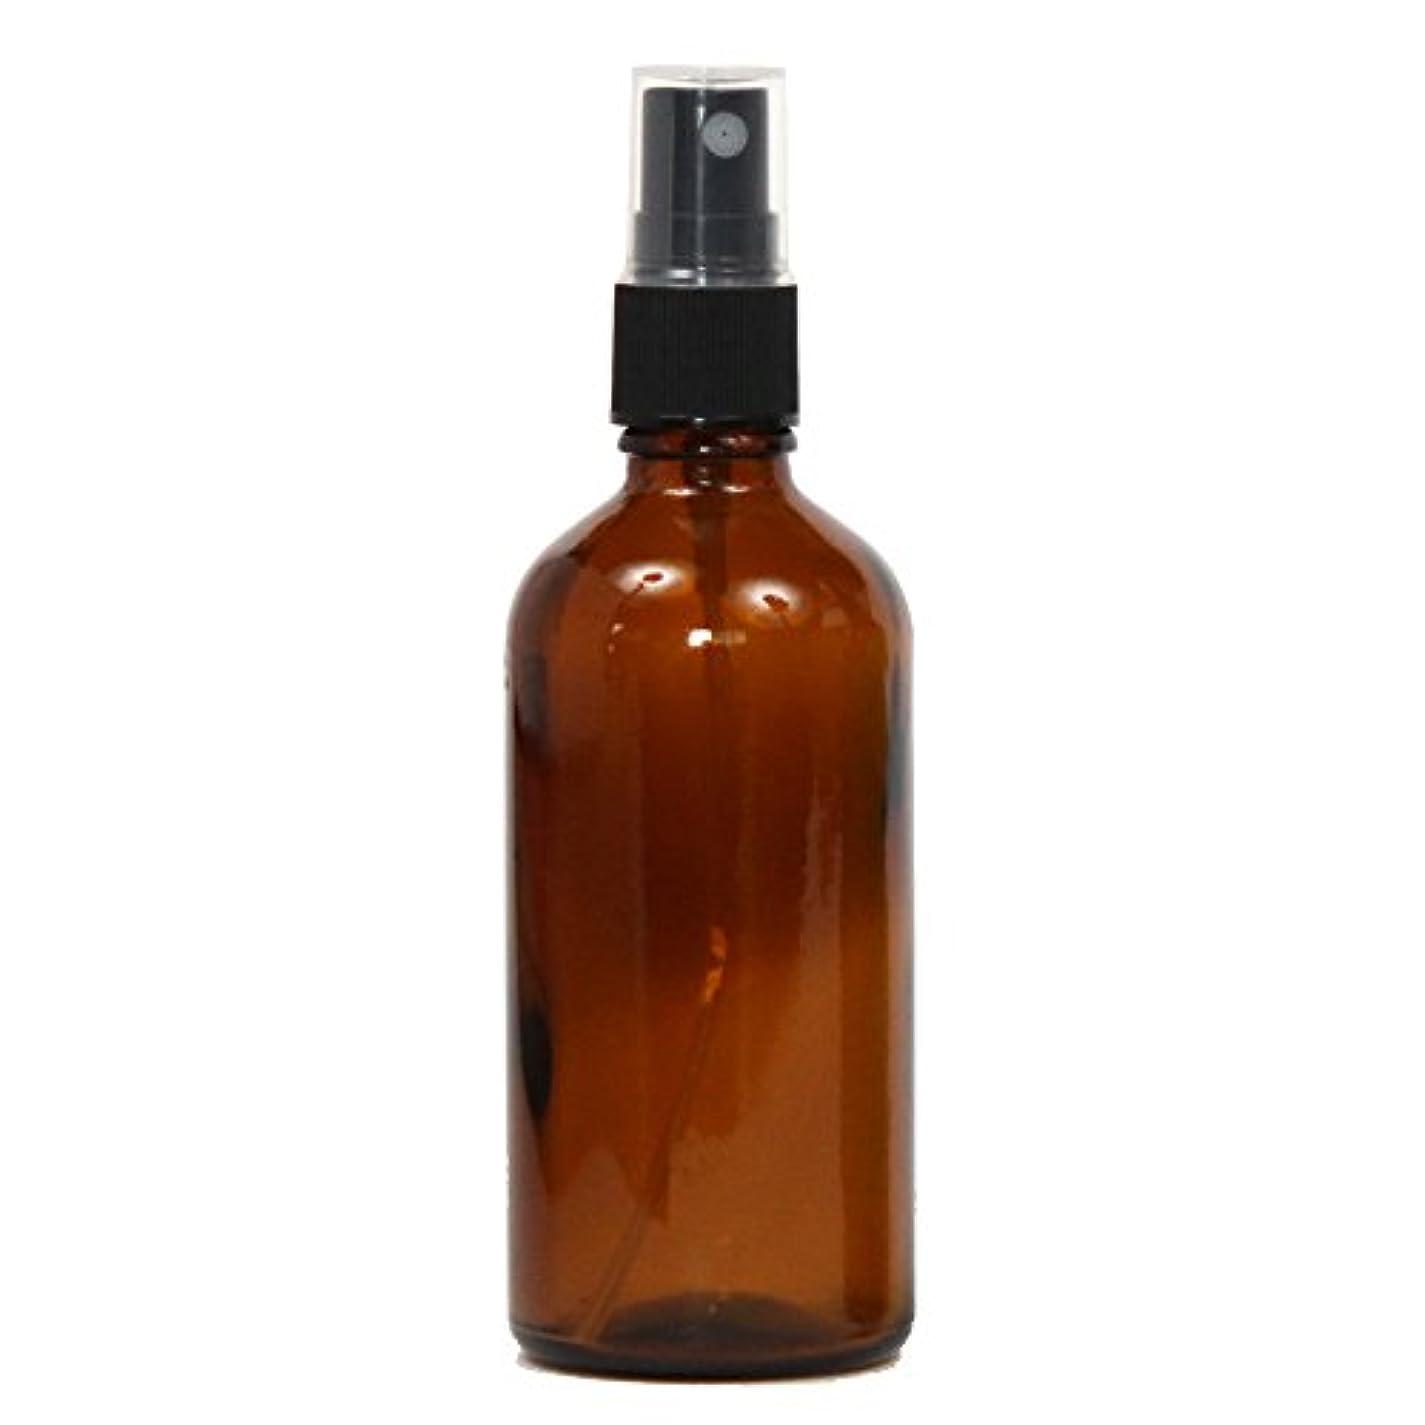 滞在キャプチャー匿名スプレーボトル ガラス瓶 100mL 遮光性ブラウン(アンバー) おしゃれアトマイザー ミスト空容器